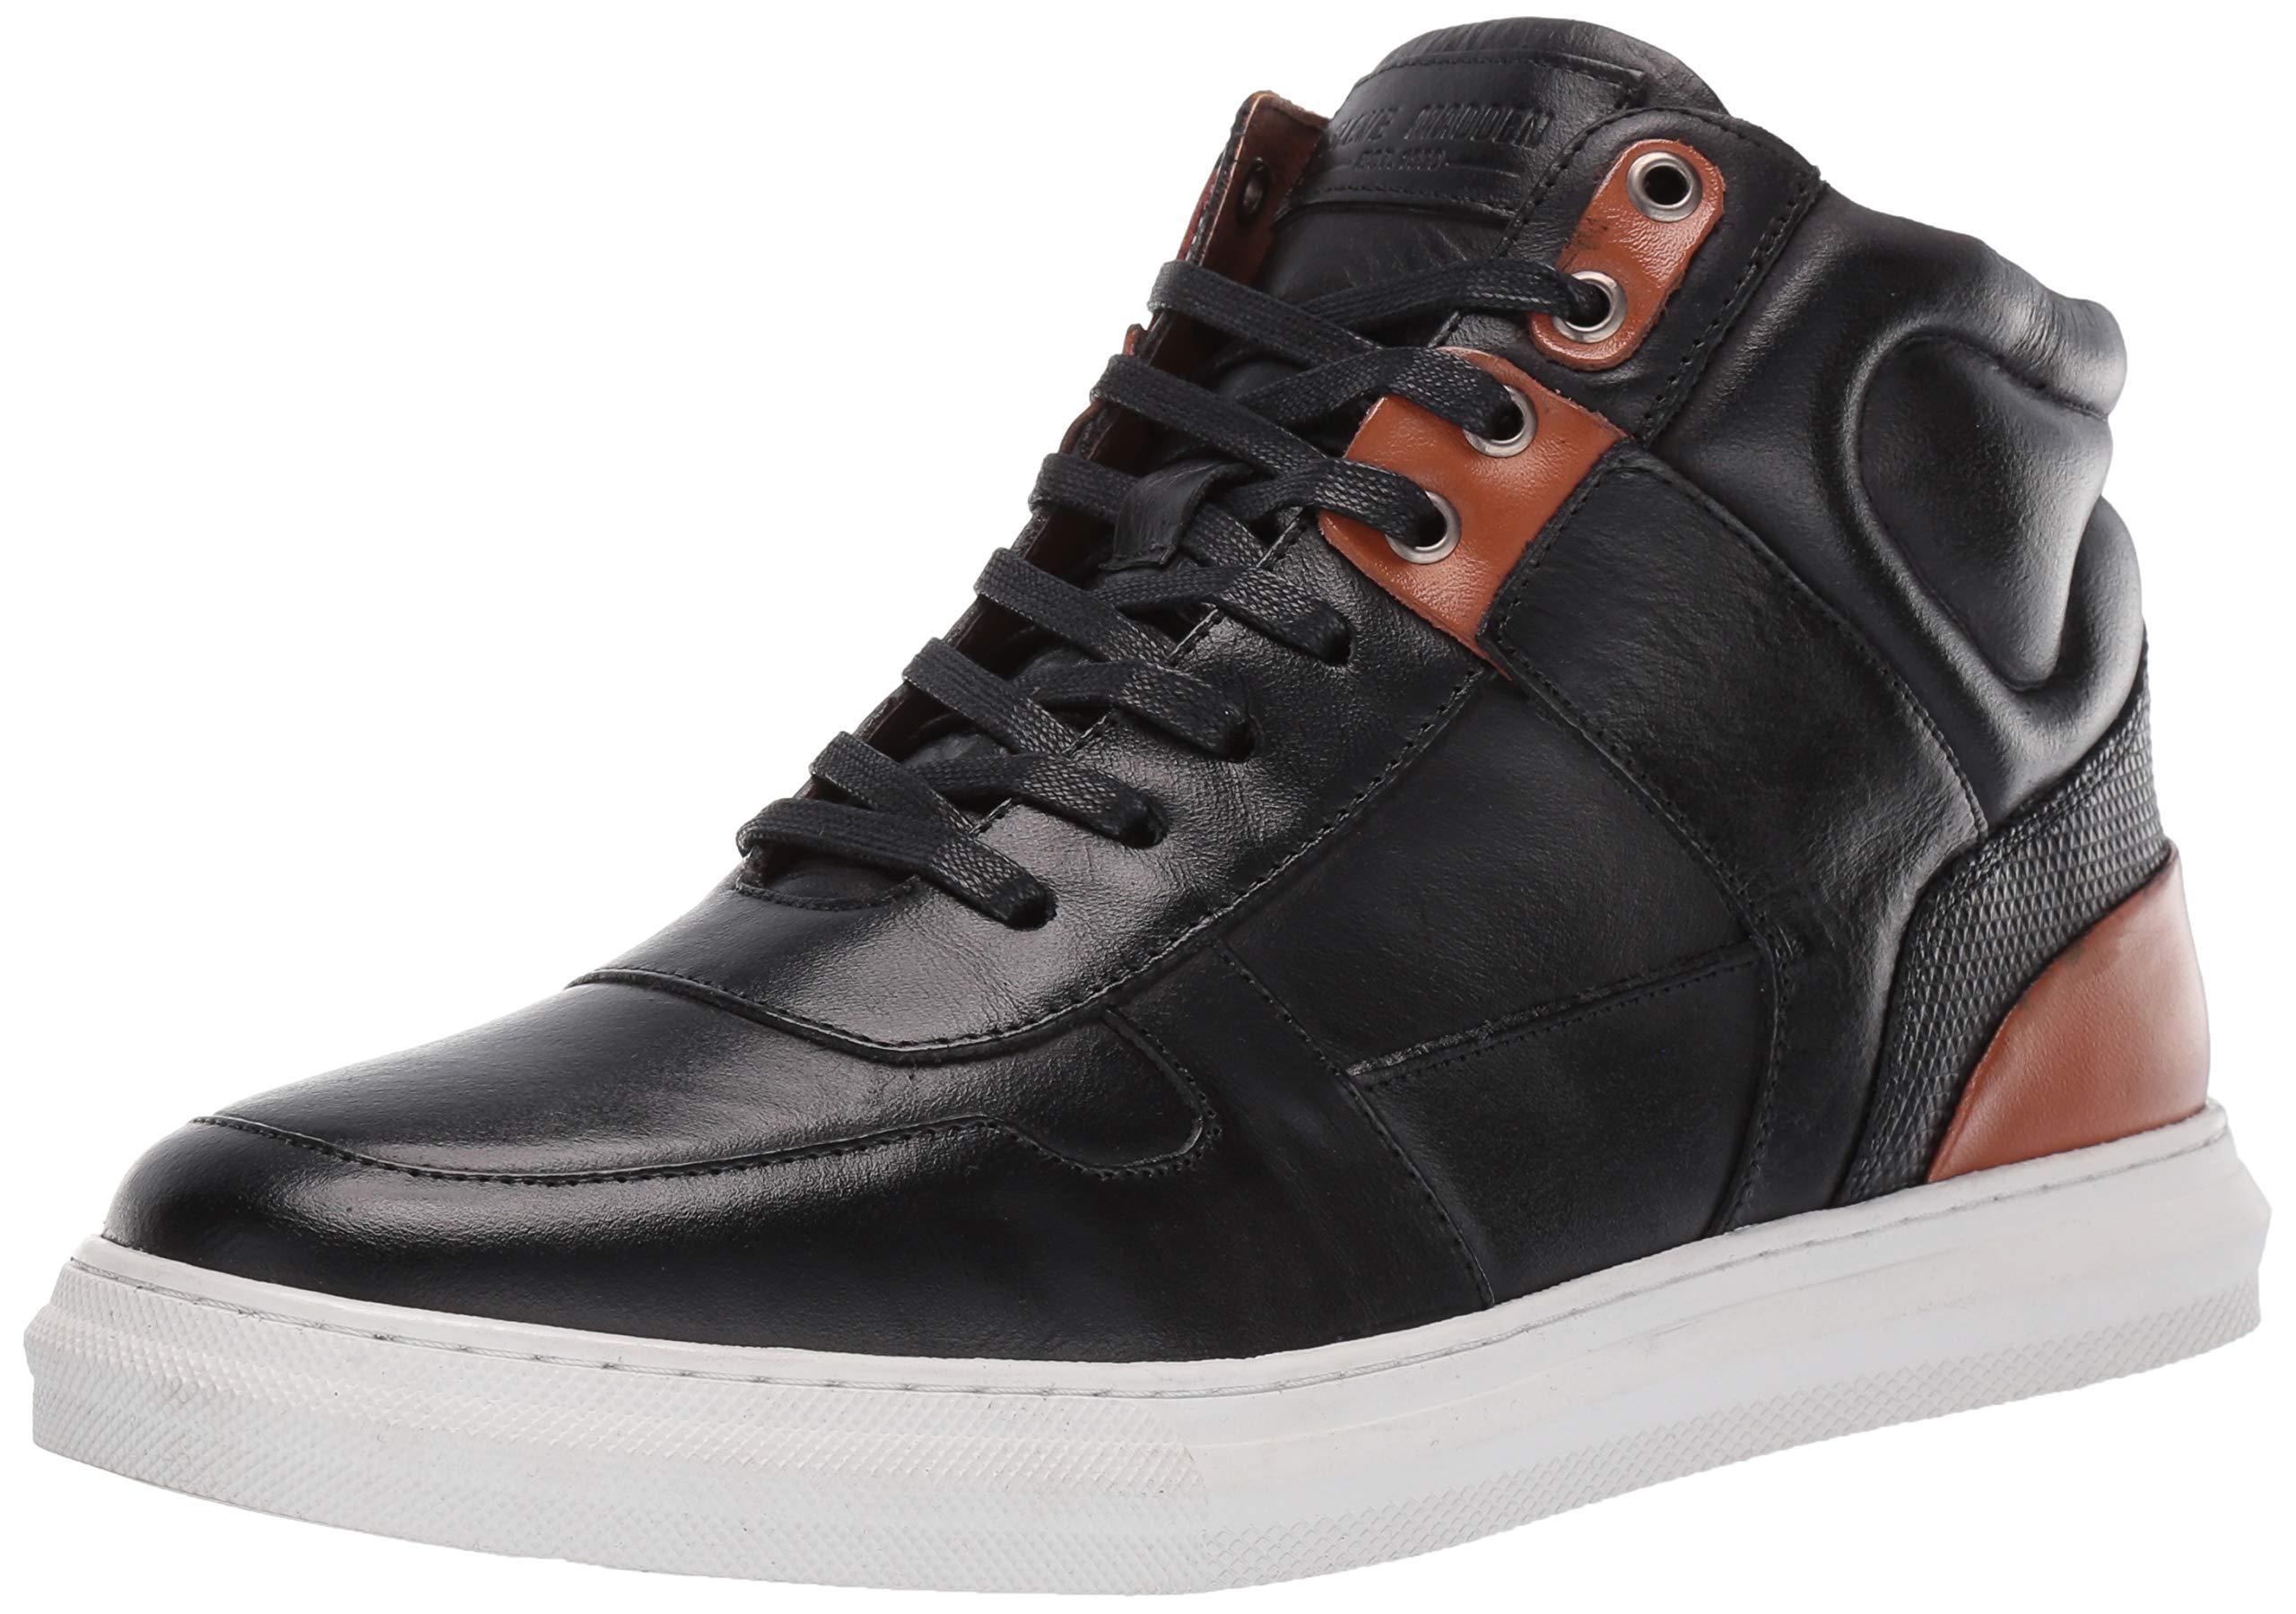 Steve Madden SHARPER Sneaker Leather